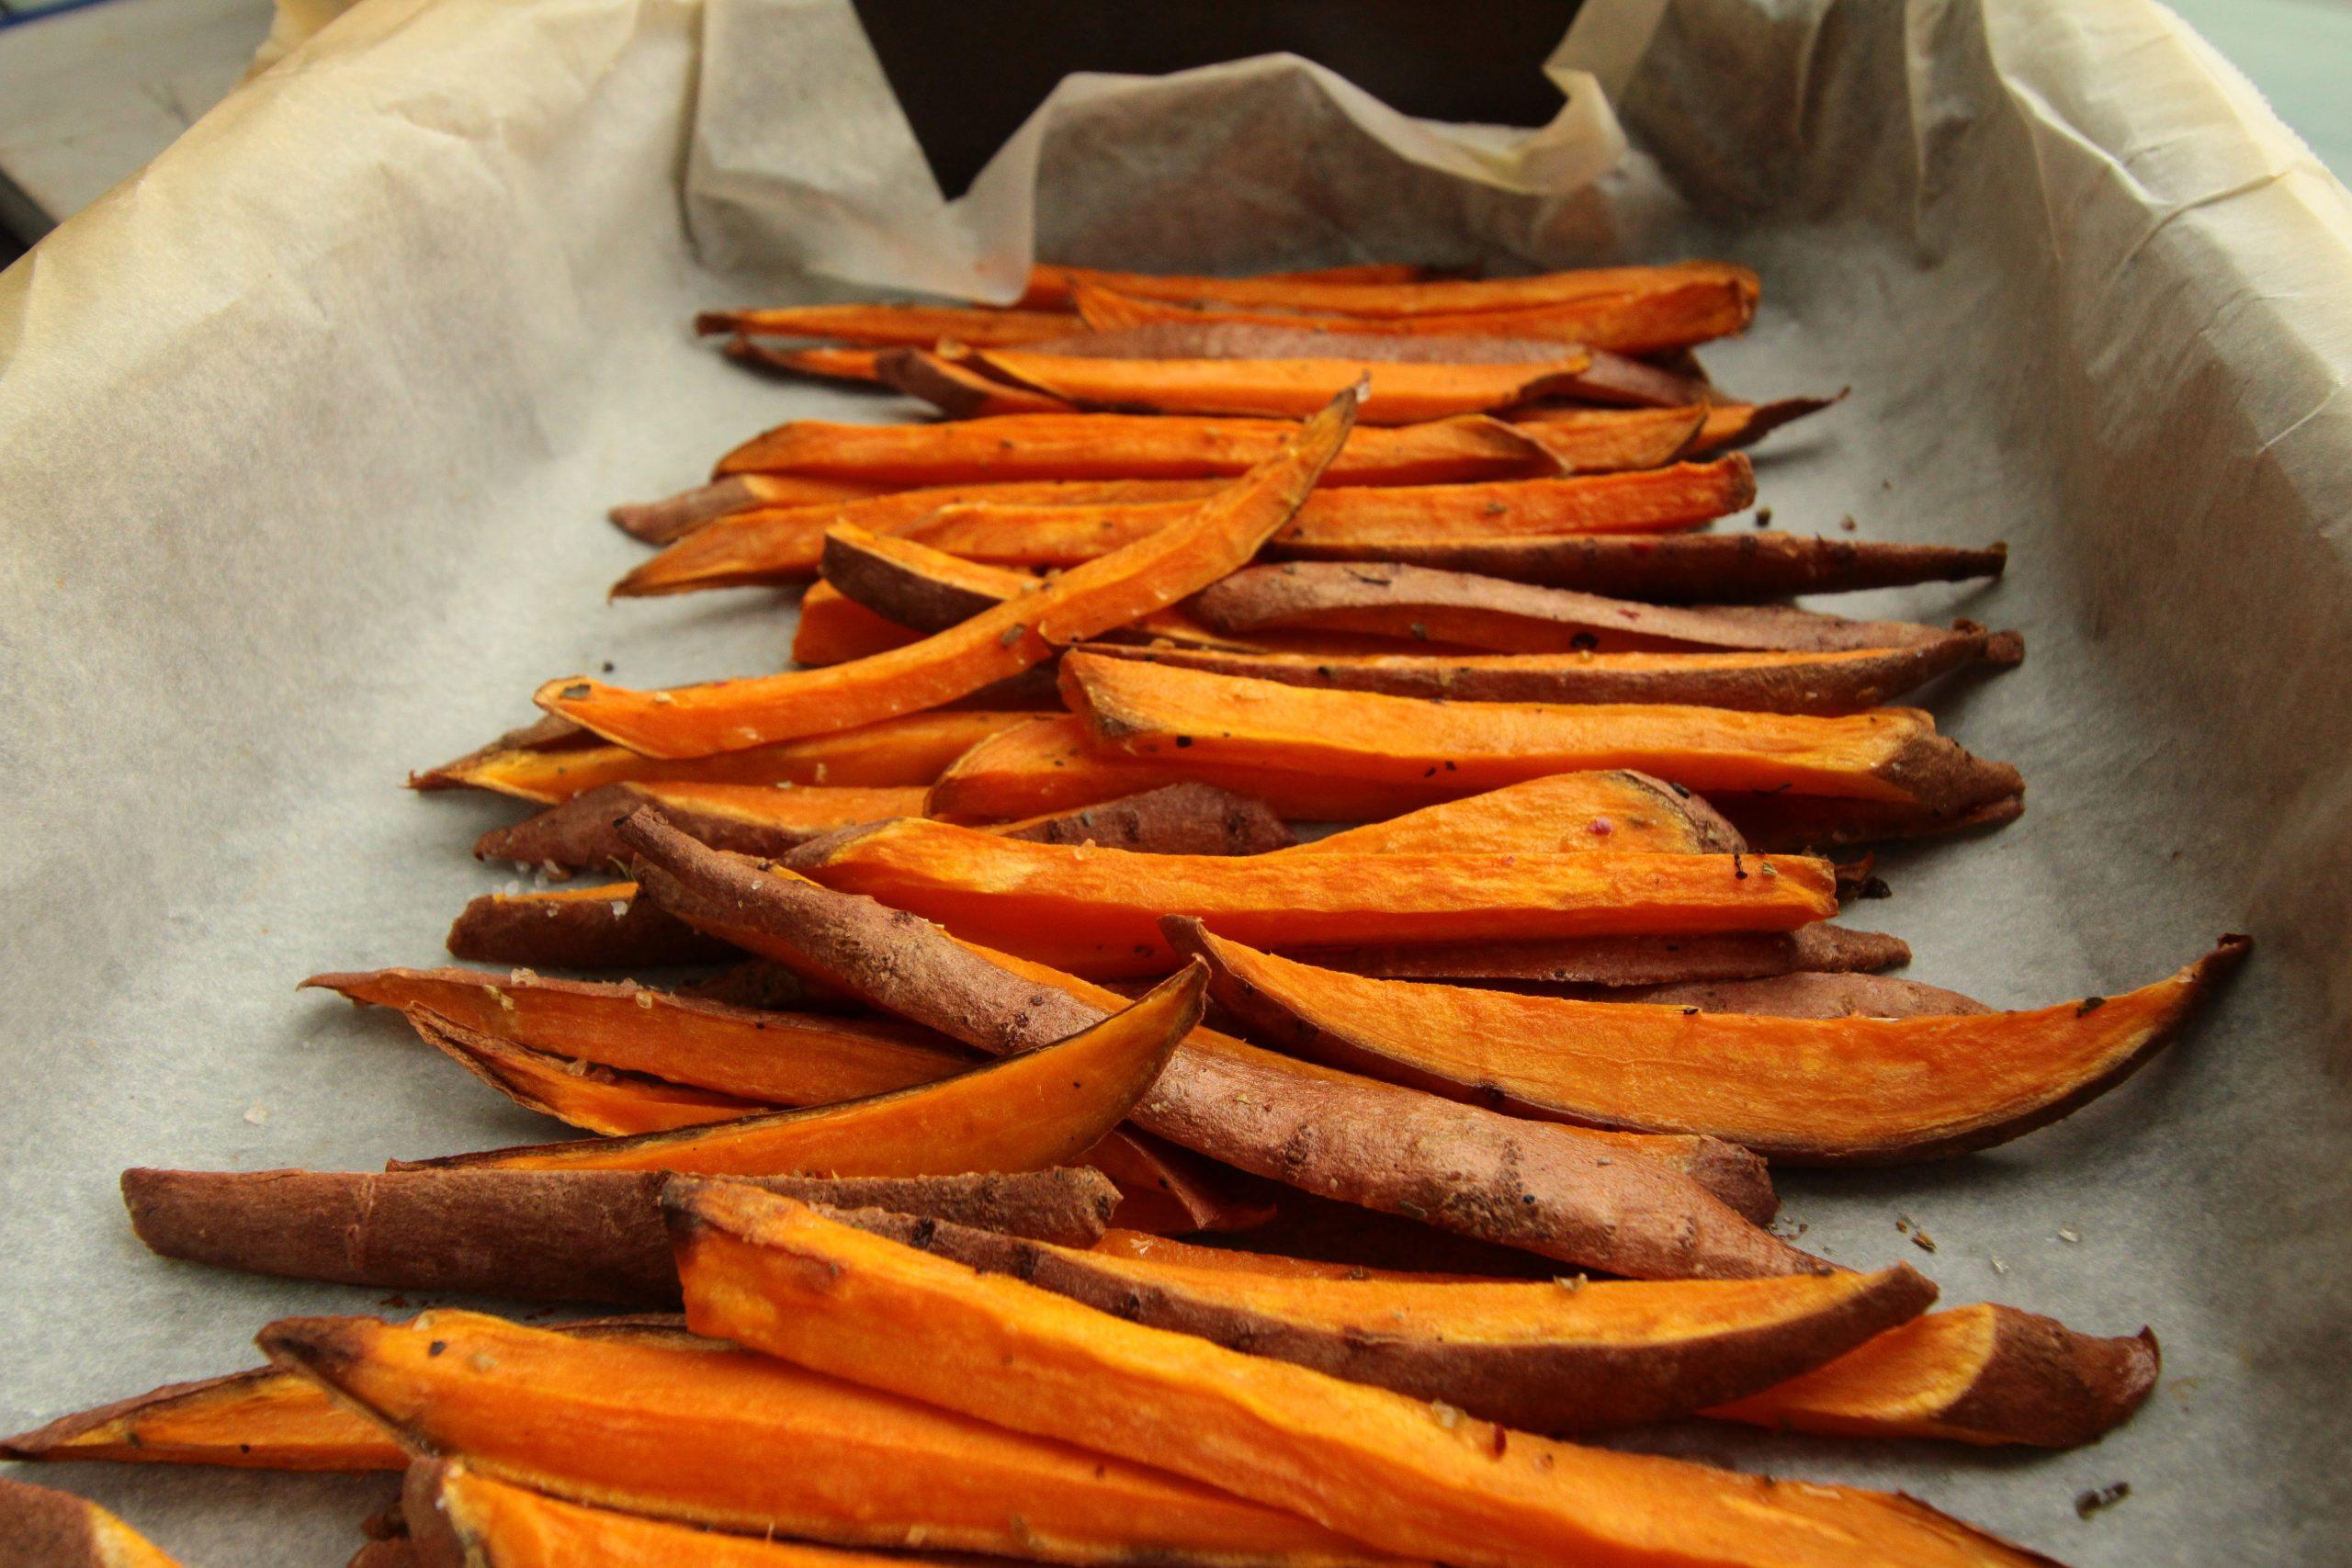 sliced carrots on white paper